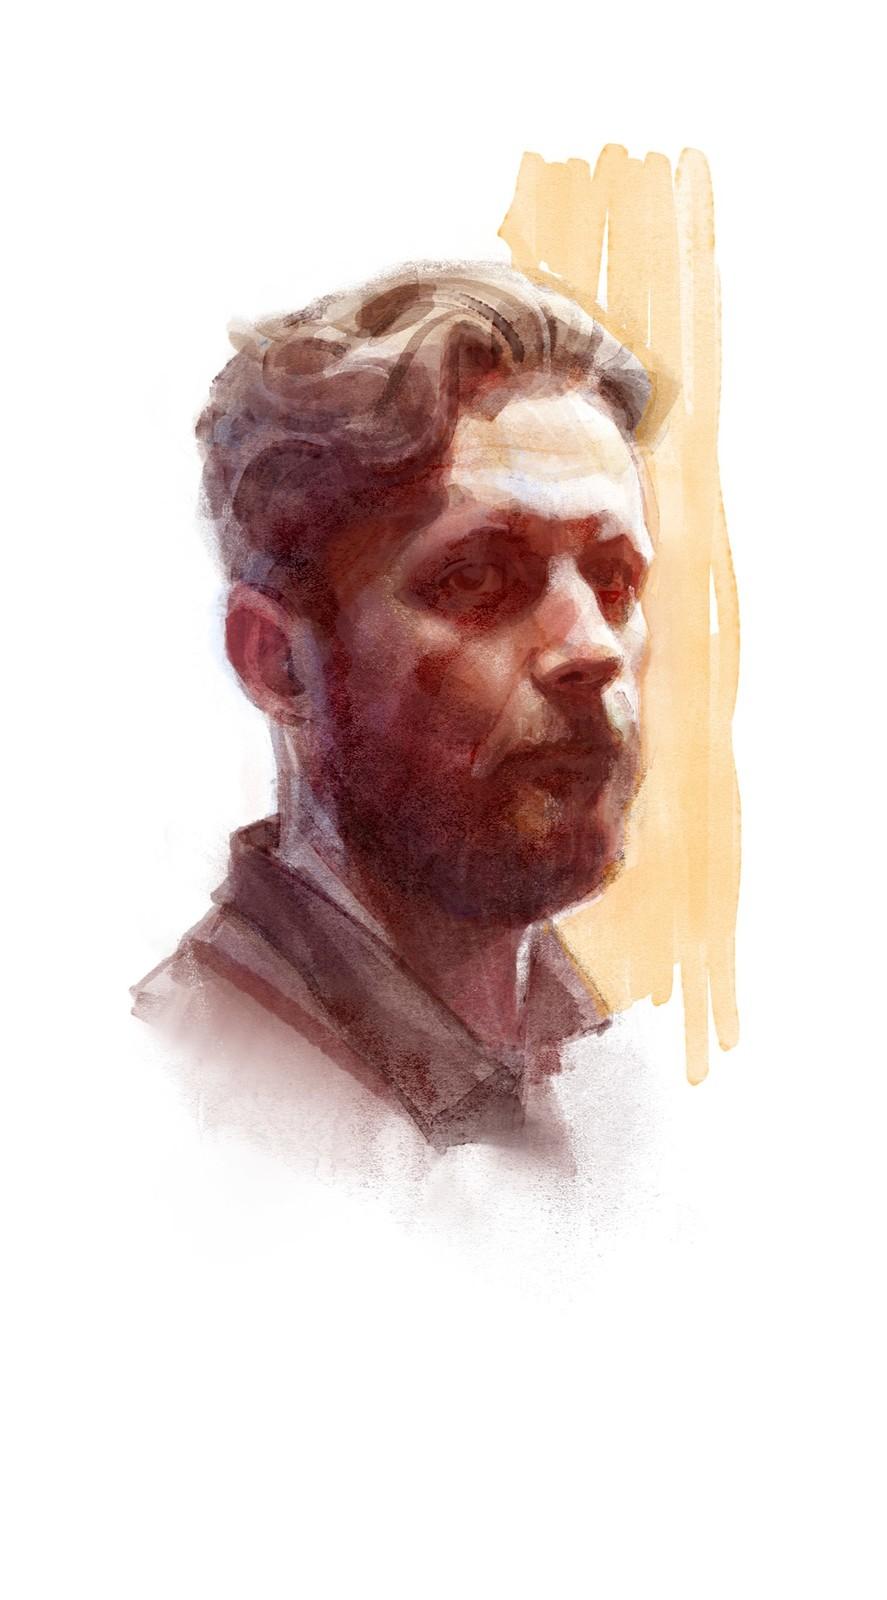 Timur Mutsaev portrait